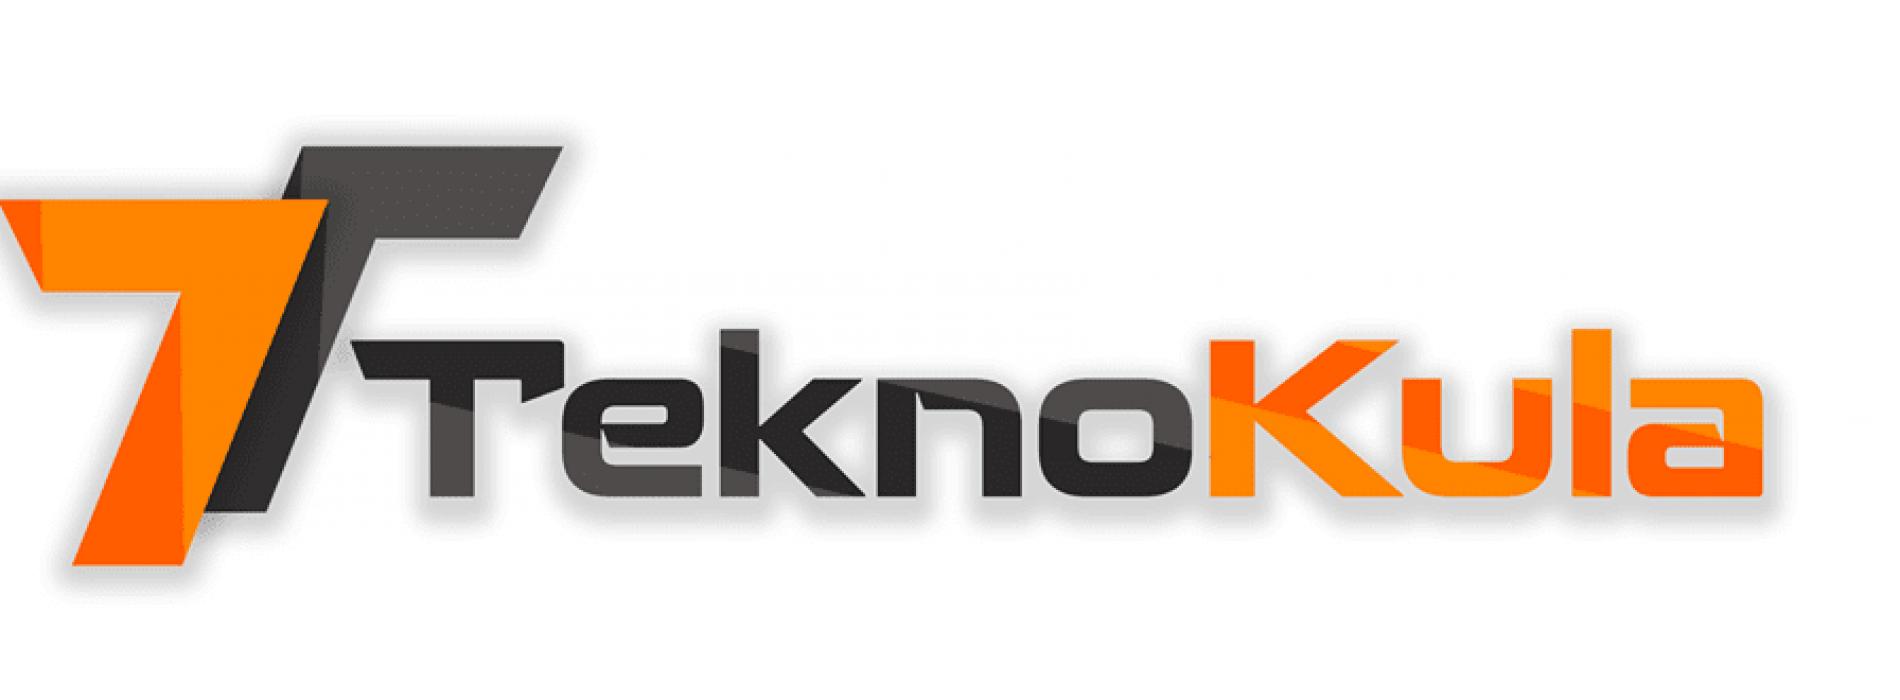 Keyifle ziyaret edebileceğiniz Teknoloji Sitesi (teknokula.org)